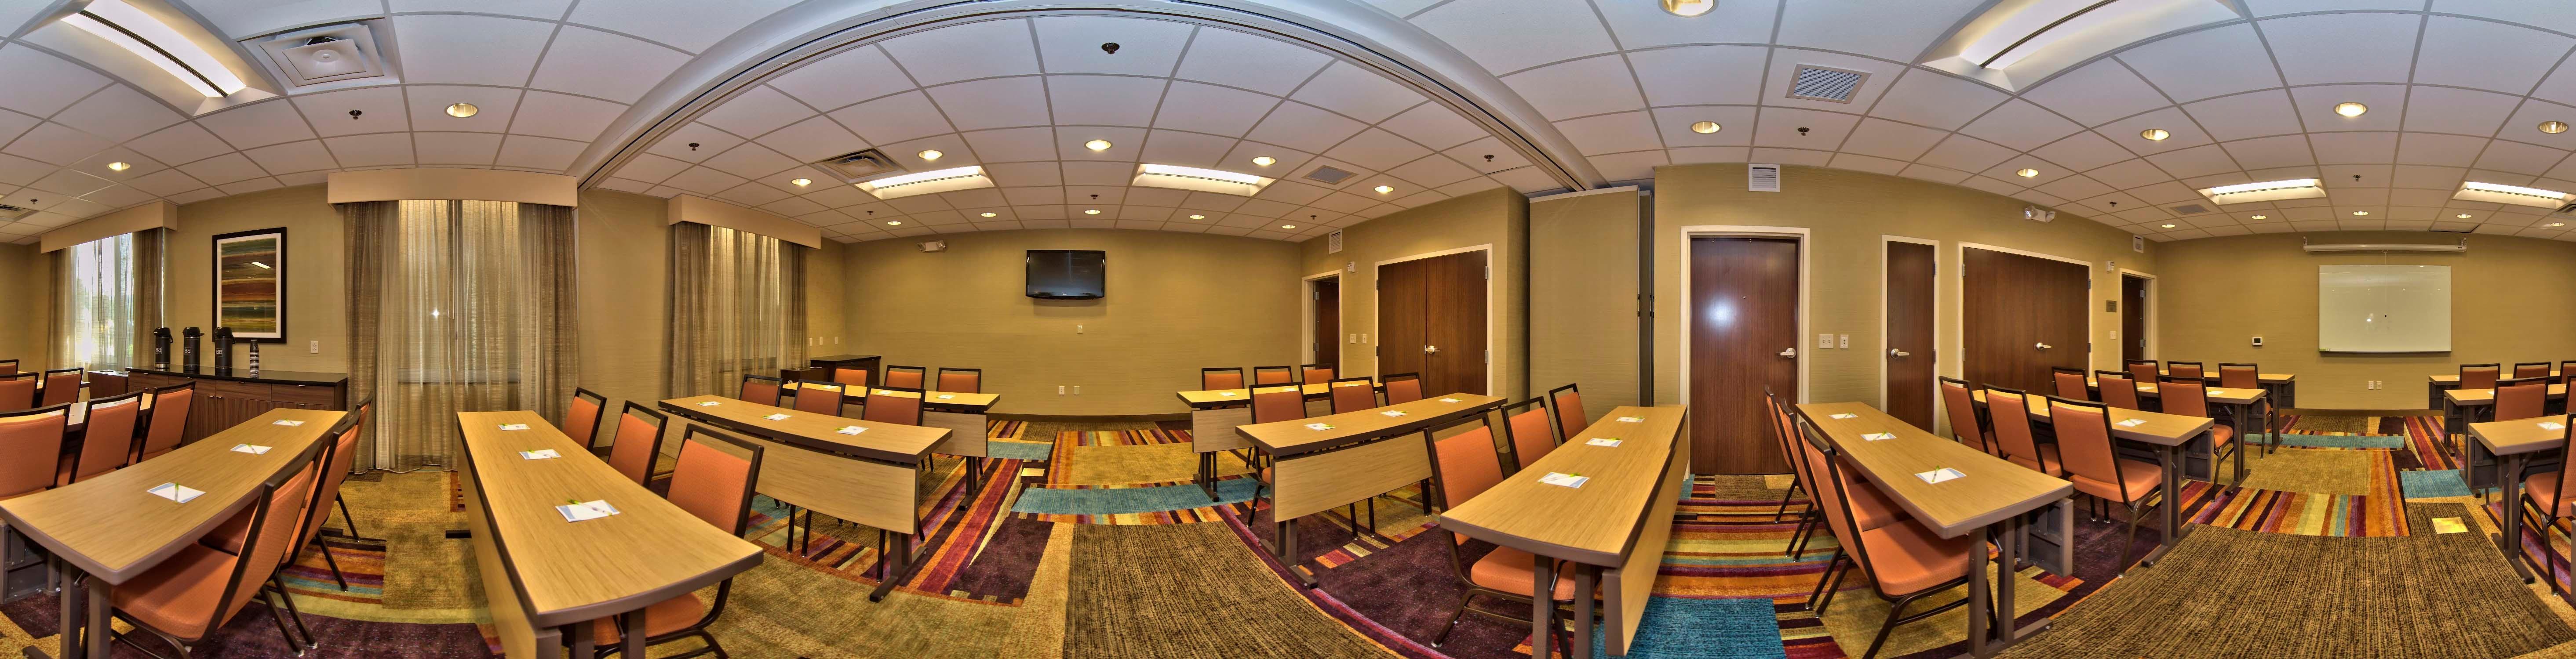 Fairfield Inn & Suites by Marriott Towanda Wysox image 20